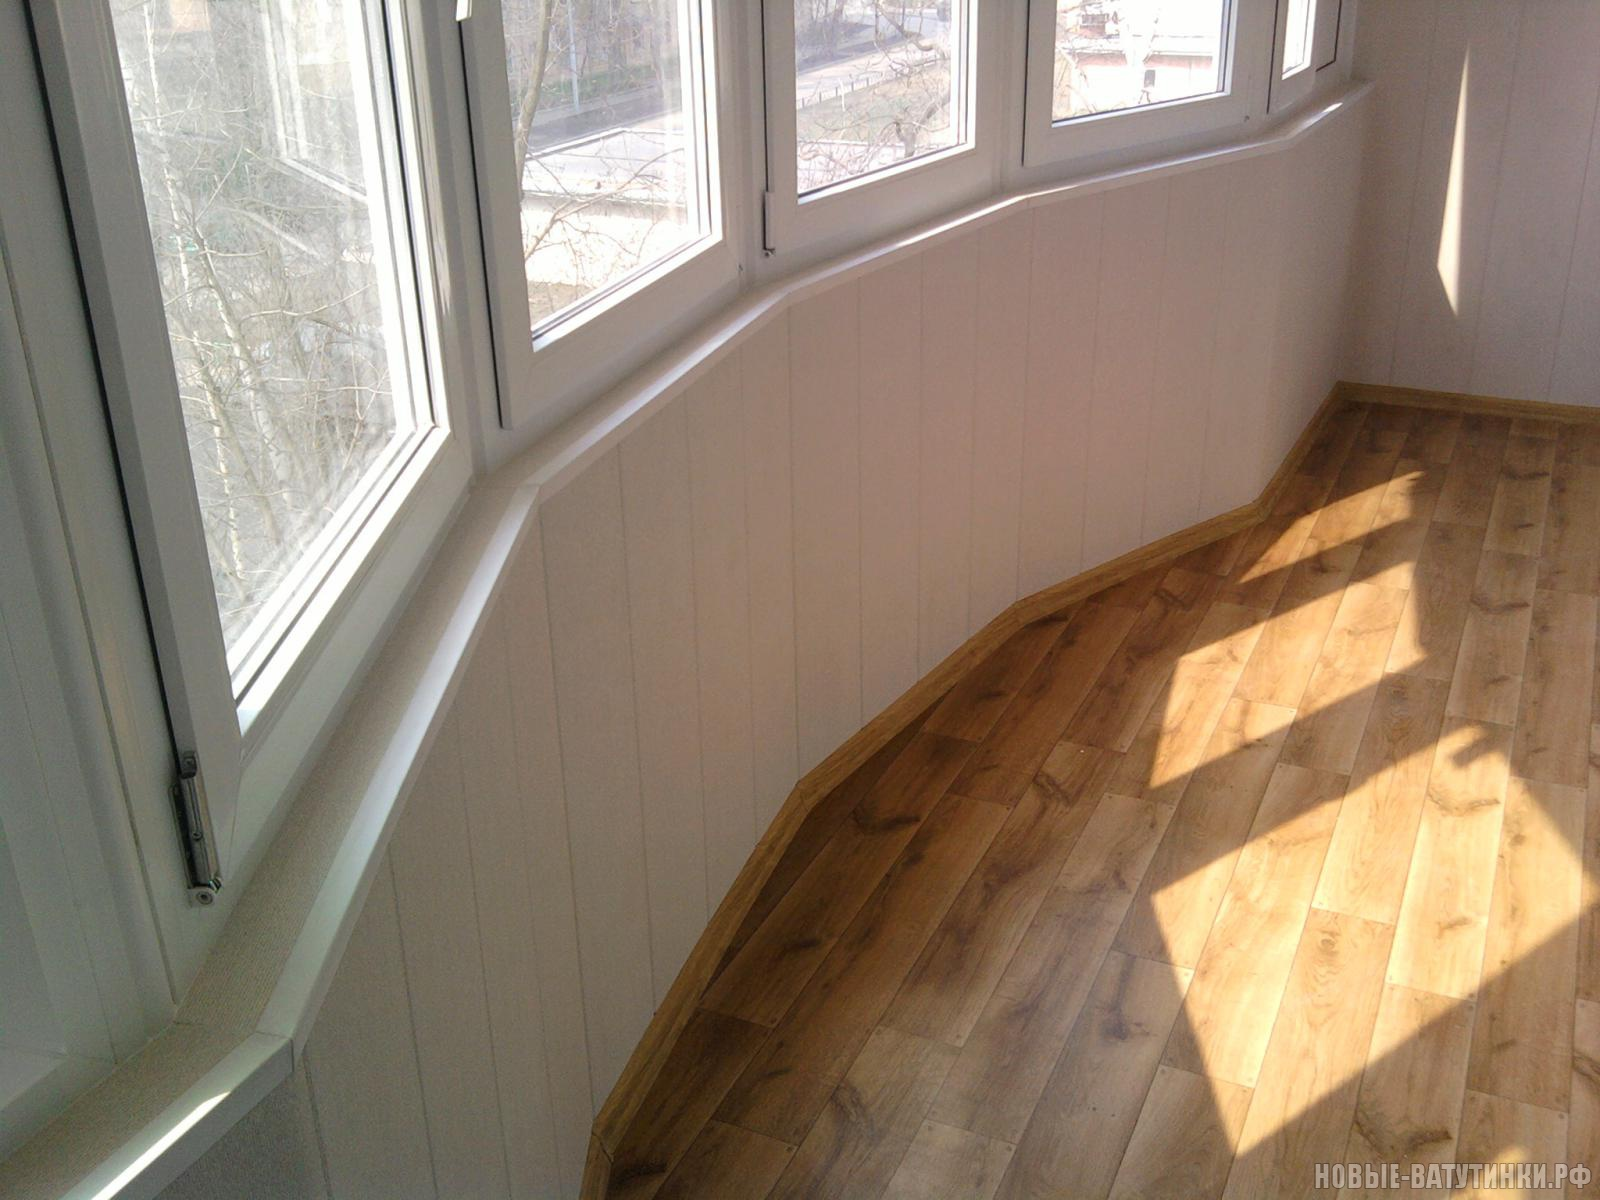 Обшивка и утепление балкона 3100*903, санкт-петербург авито .